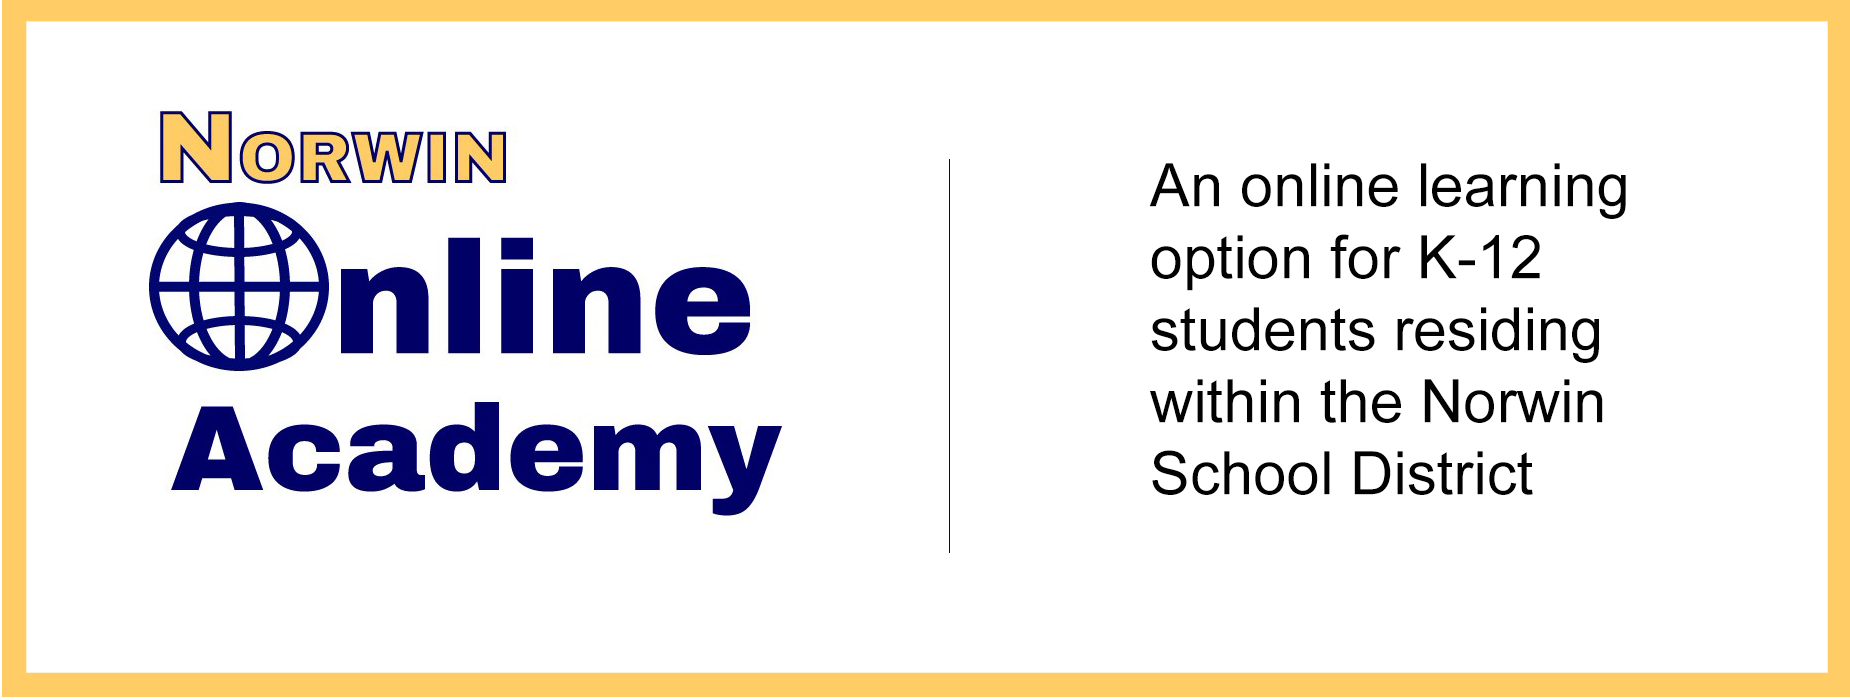 Norwin Online Academy